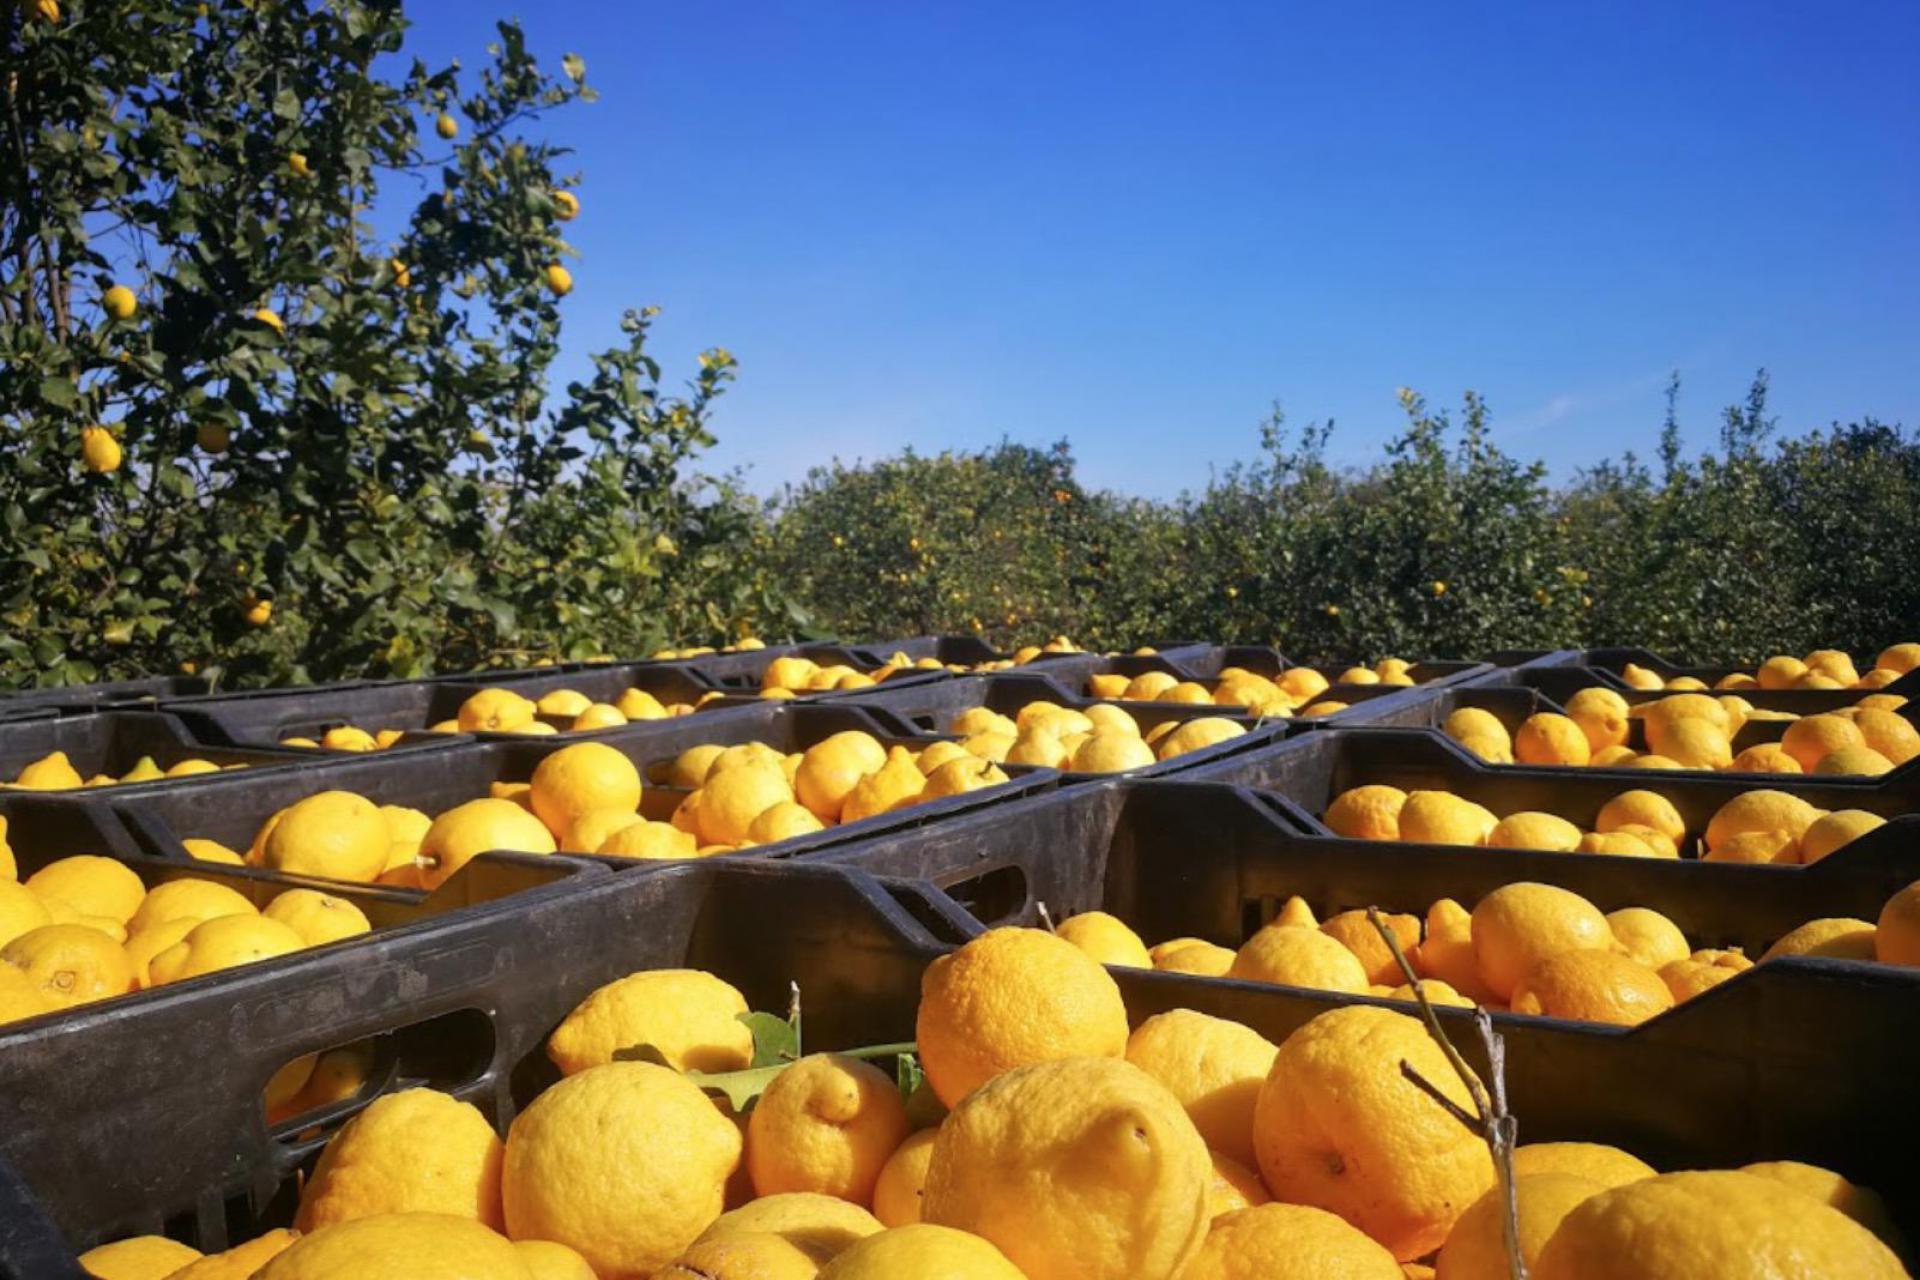 Agriturismo Sicilie Agriturismo in Sicilie omgeven door citrusbomen